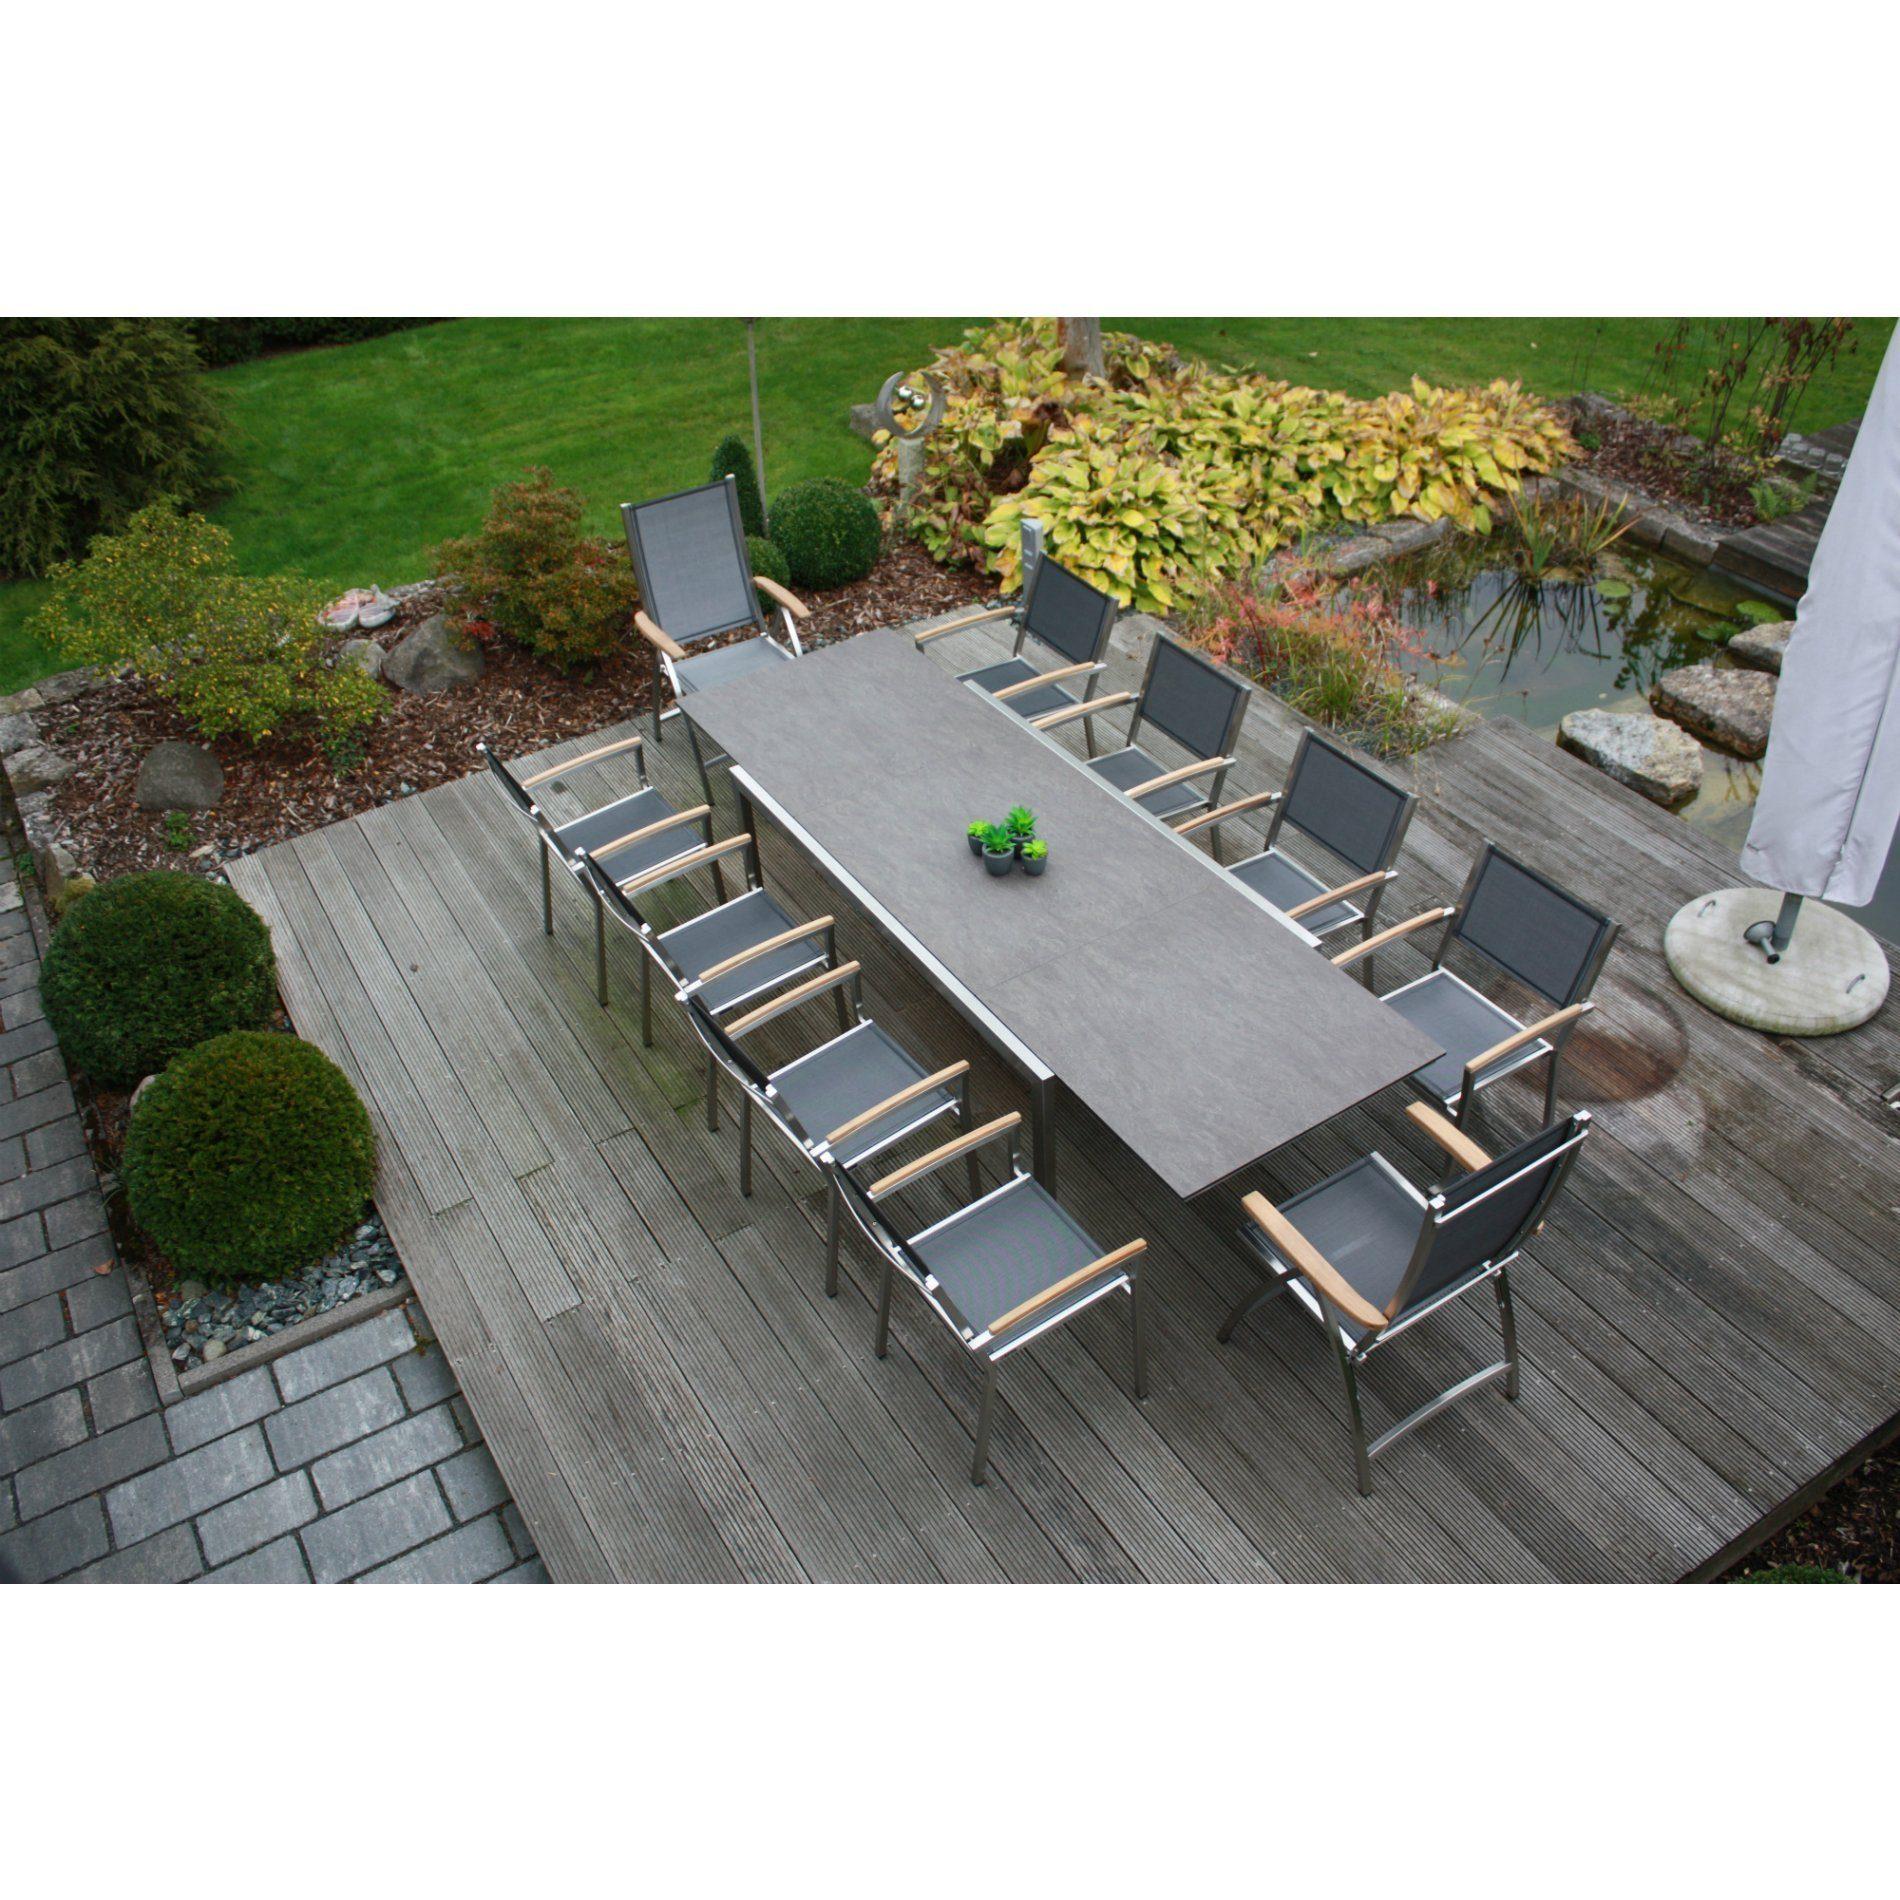 zebra gartenm bel set mit stuhl pontiac und ausziehtisch kubex. Black Bedroom Furniture Sets. Home Design Ideas